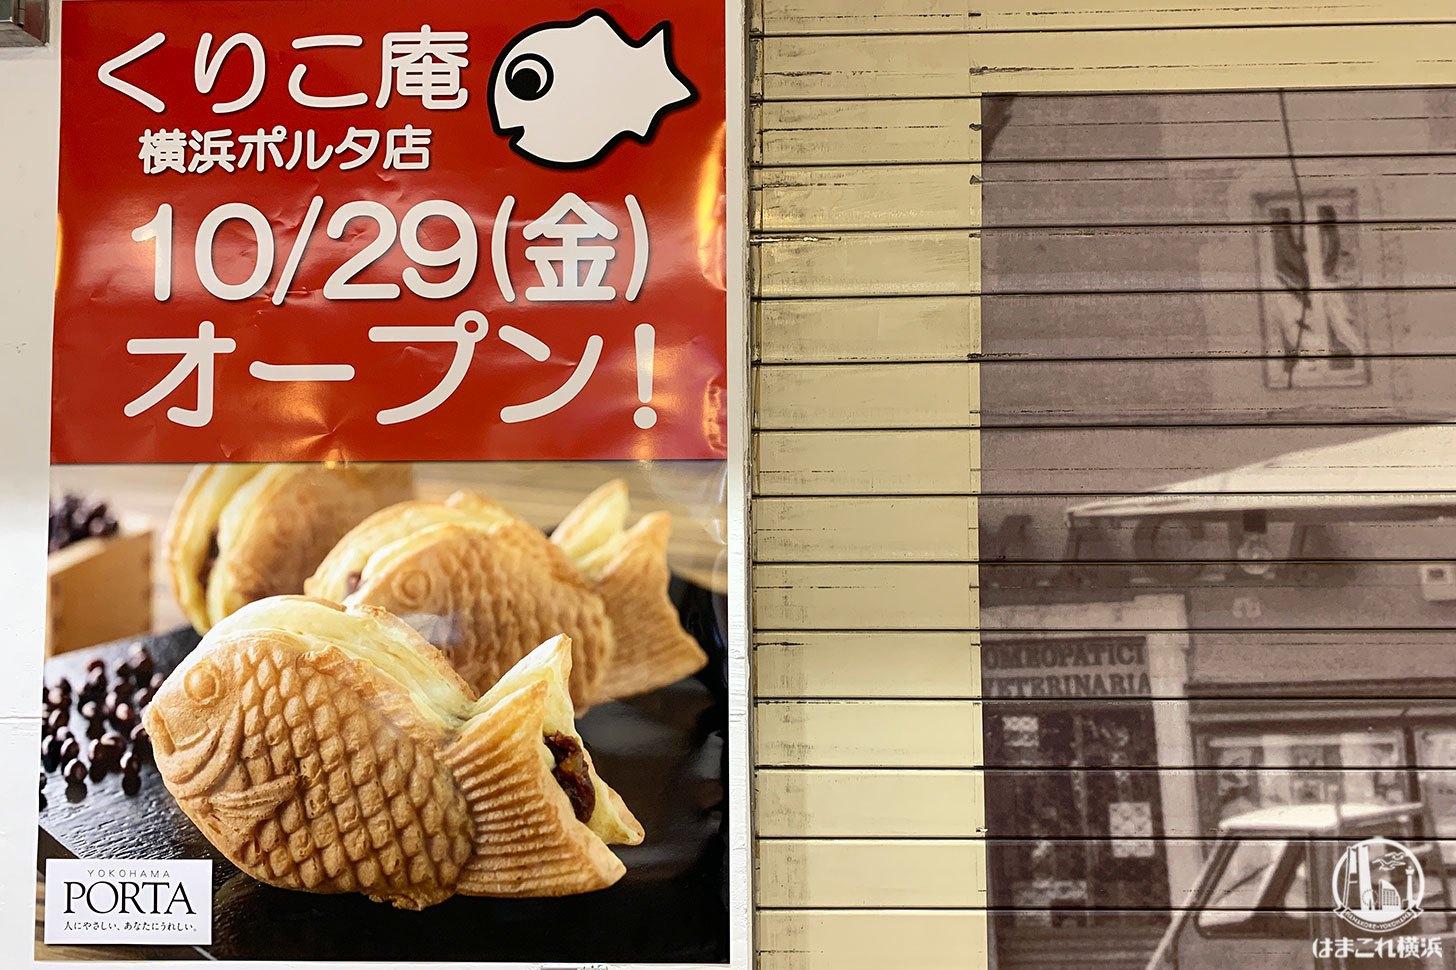 くりこ庵 横浜ポルタ店